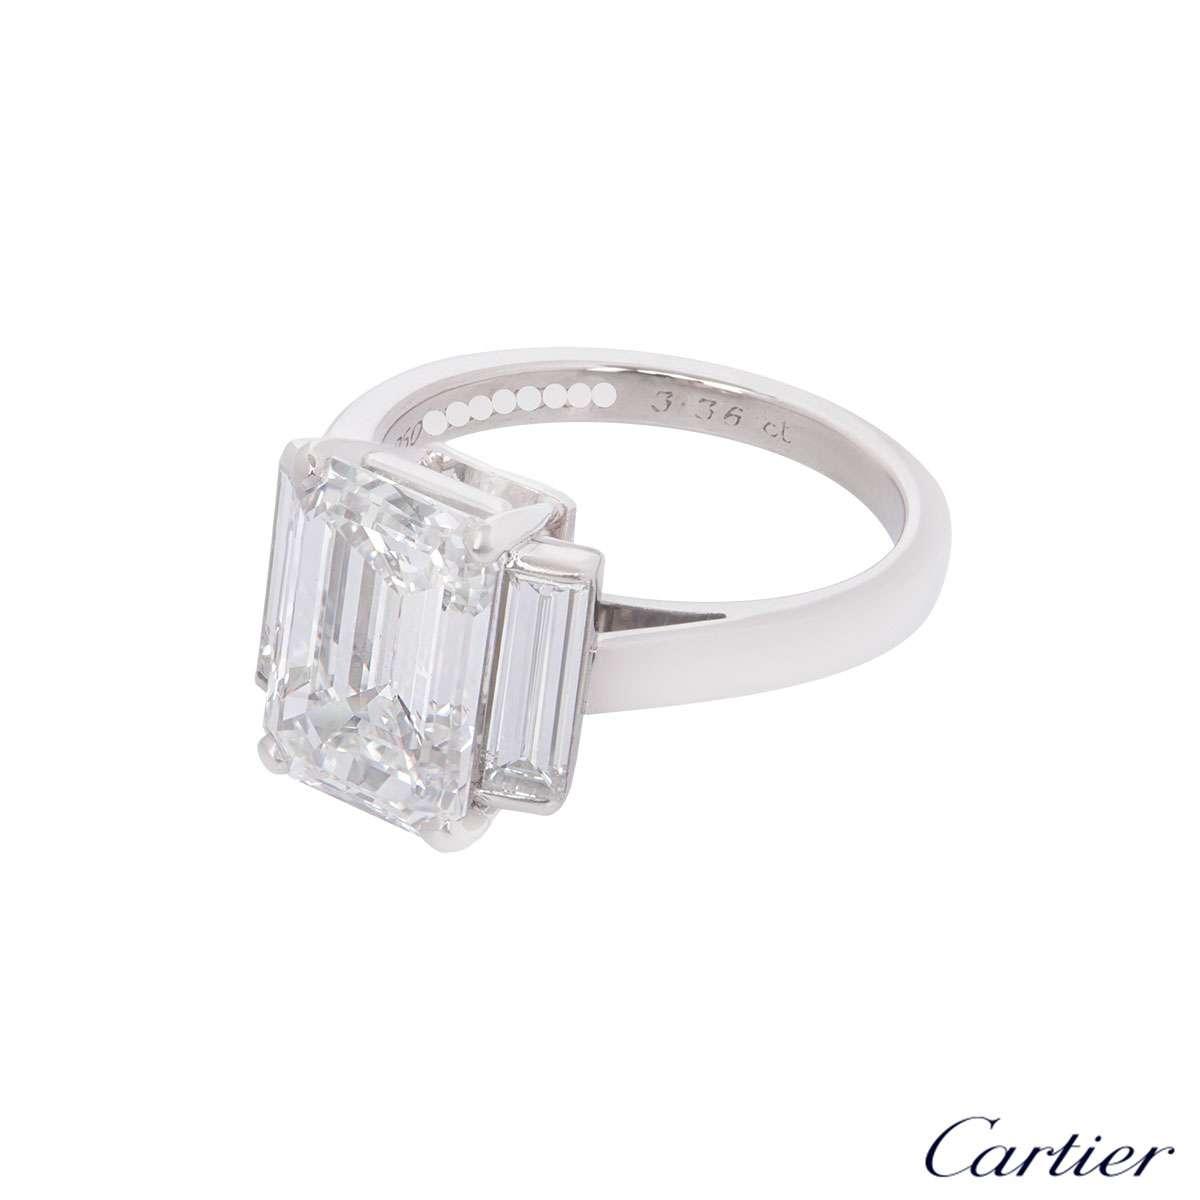 cartier emerald cut engagement ring